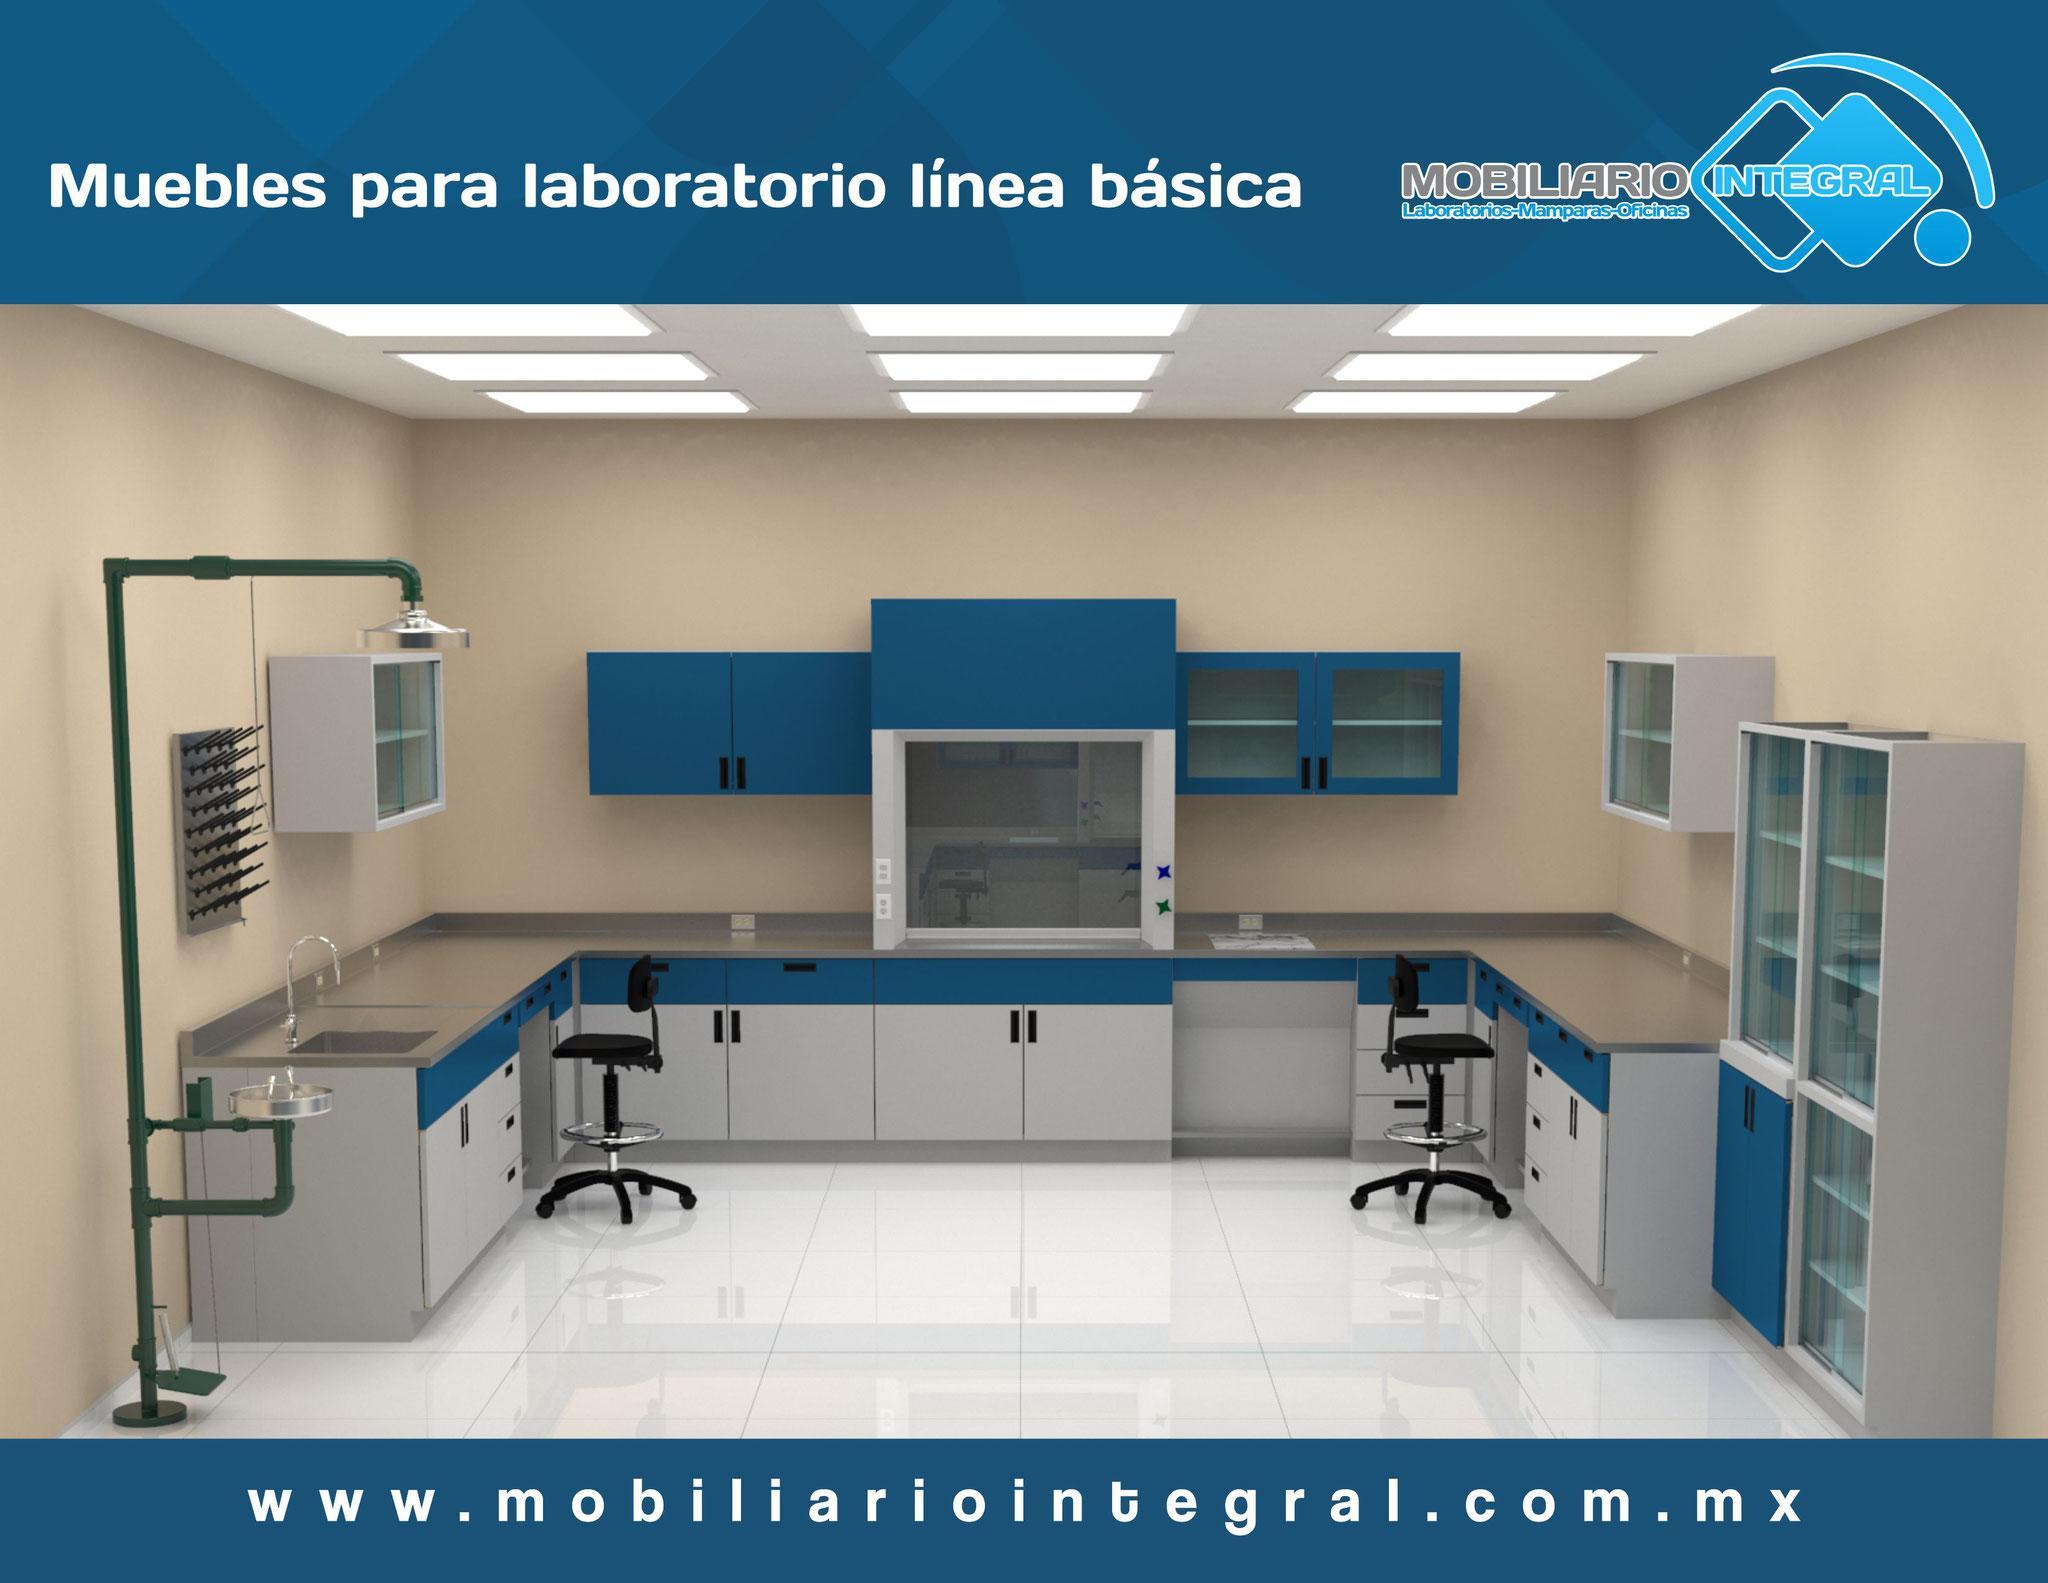 Muebles para laboratorio en Cuernavaca